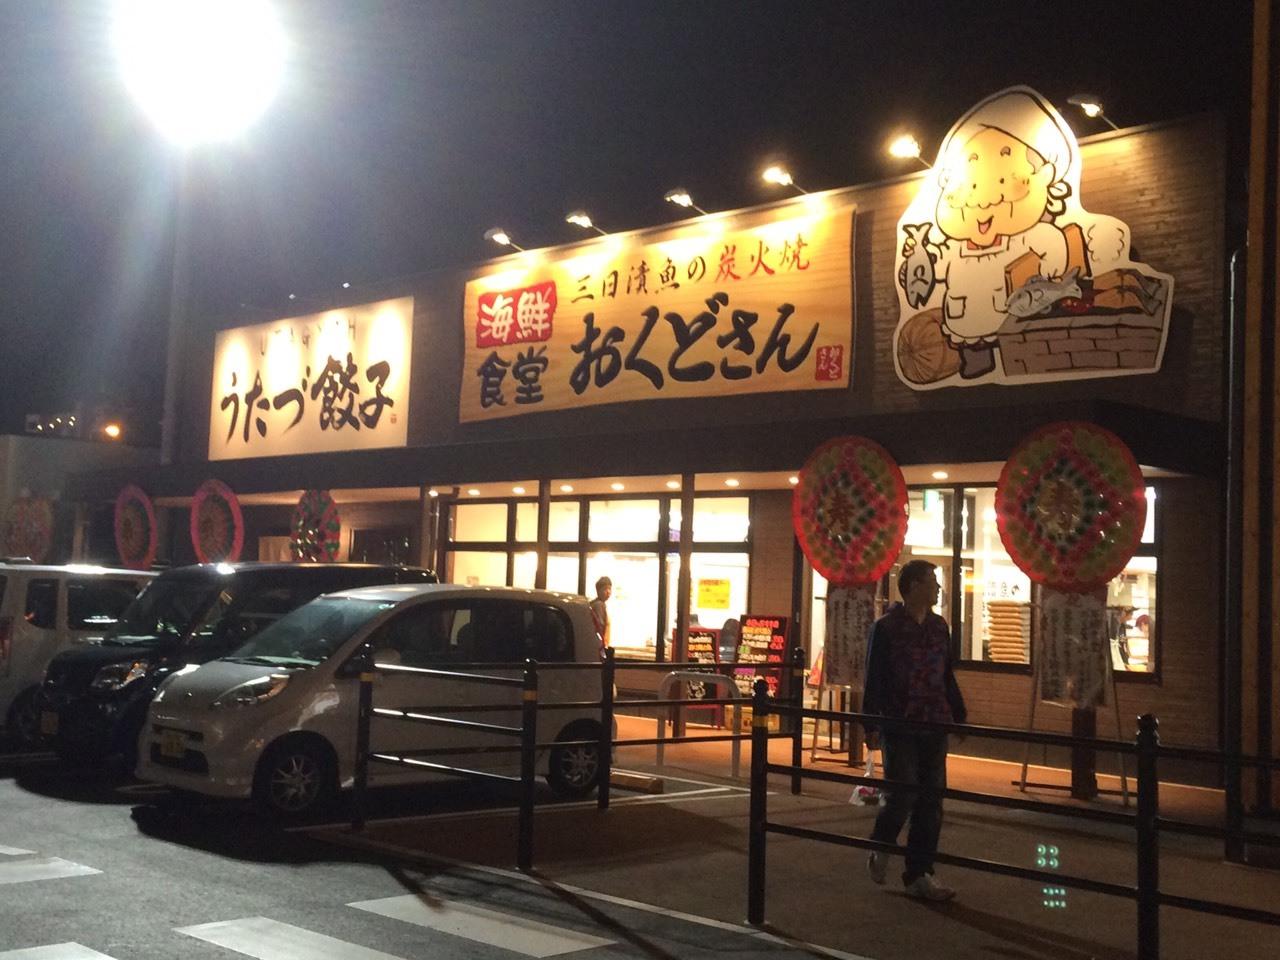 海鮮食堂おくどさん イオンタウン宇多津店